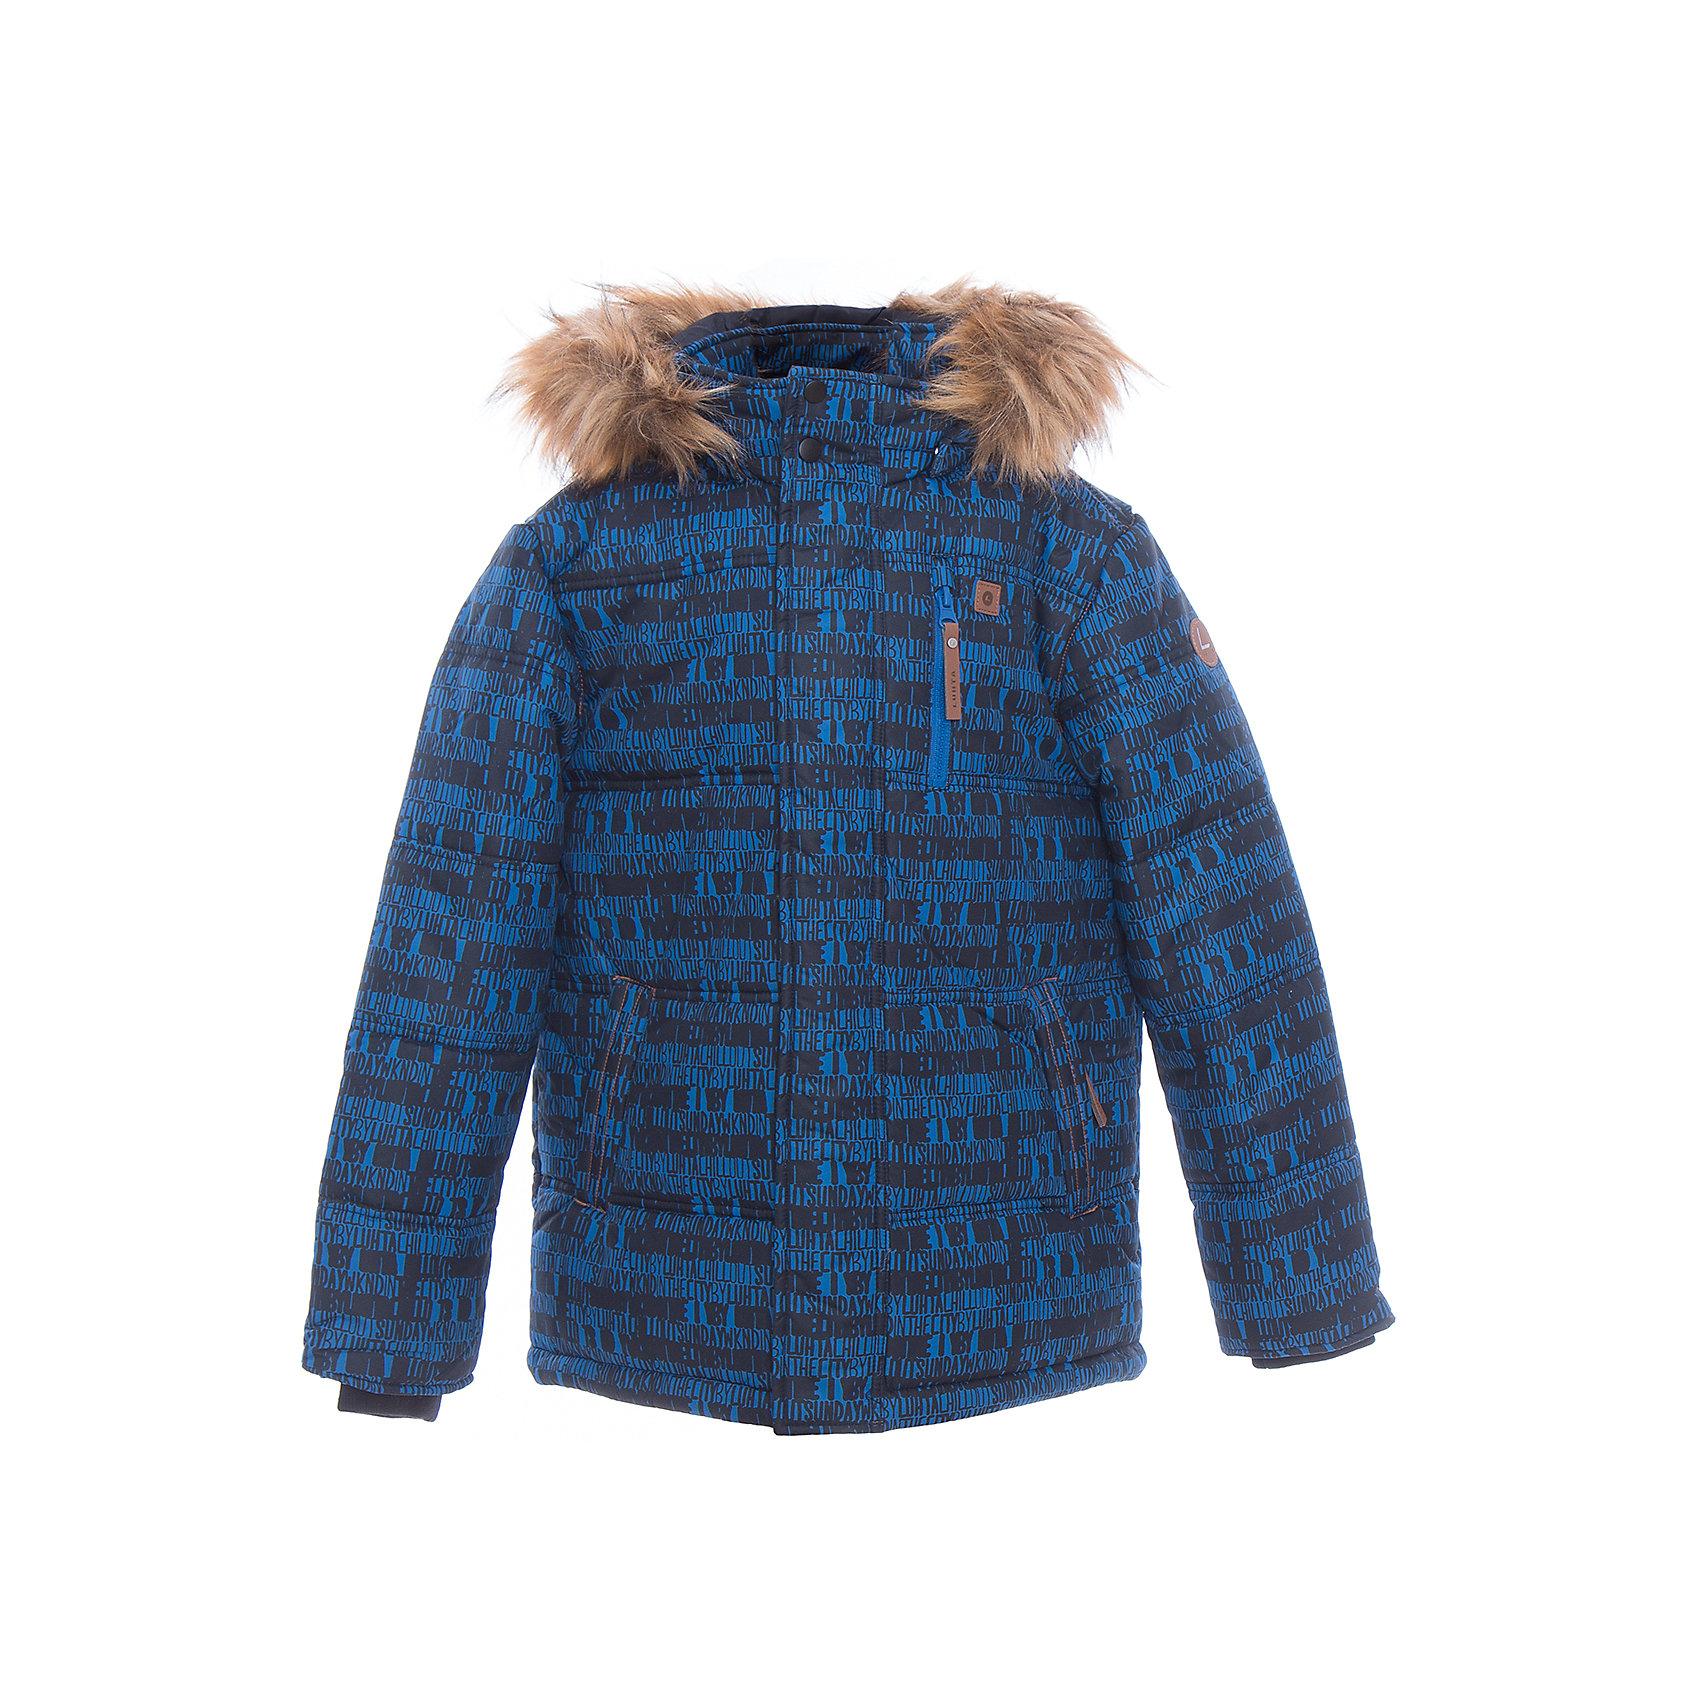 Куртка для мальчика LuhtaОдежда<br>Куртка для мальчика от известного бренда Luhta.<br>Куртка с отстегивающимся капюшоном, искусственный мех, принт, в рукавах вязанные манжеты, утяжка в нижней части куртки, теплые карманы на молнии, светоотражающие элементы, утепление 280 гр. рекомендуемый температурный режим до -30 град., термометр, показывающий температуру внутри верхней одежды.<br>Технологии: Luhta WATER REPELLENT; Luhta BREATHABLE; 2000/2000; Luhta DIRT REPELLENT; Luhta SAFETY; Luhta FINNWAD; Luhta -30<br>Состав:<br>100% полиэстер<br><br>Ширина мм: 356<br>Глубина мм: 10<br>Высота мм: 245<br>Вес г: 519<br>Цвет: синий<br>Возраст от месяцев: 156<br>Возраст до месяцев: 168<br>Пол: Мужской<br>Возраст: Детский<br>Размер: 164,146,152,158,140<br>SKU: 5413947